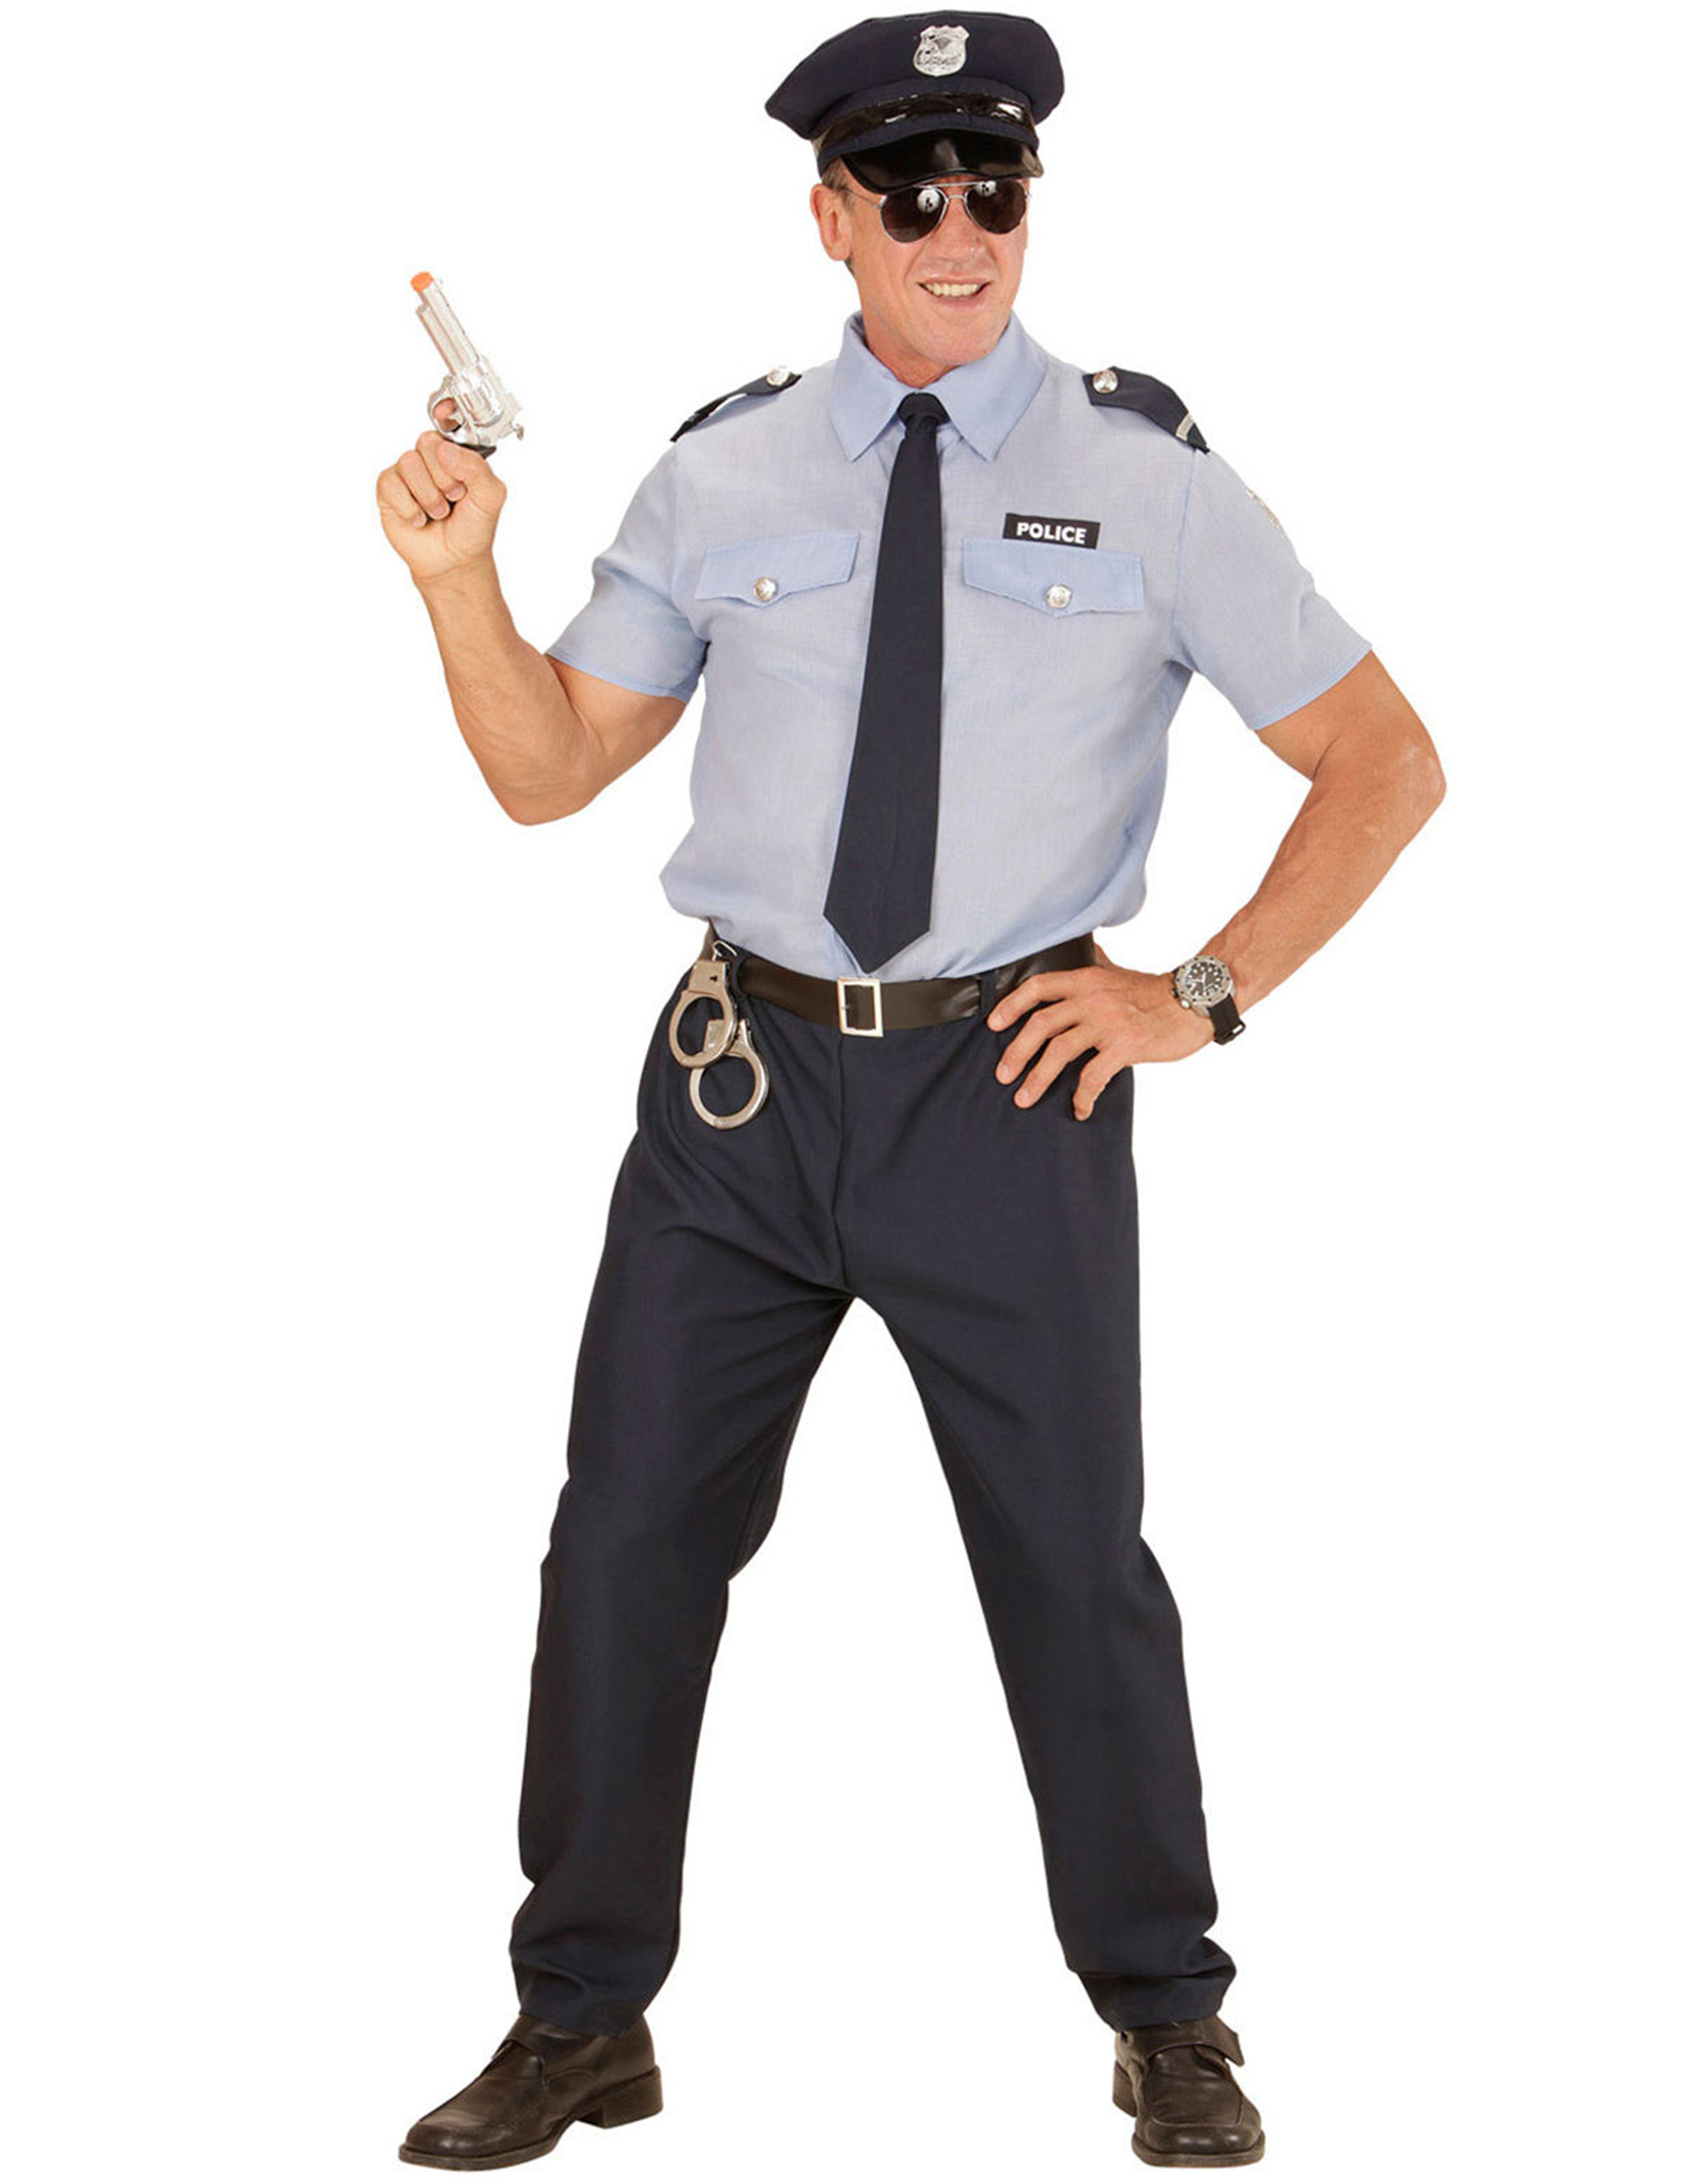 fb35589726 Costume da poliziotto uomo: Costumi adulti,e vestiti di carnevale ...